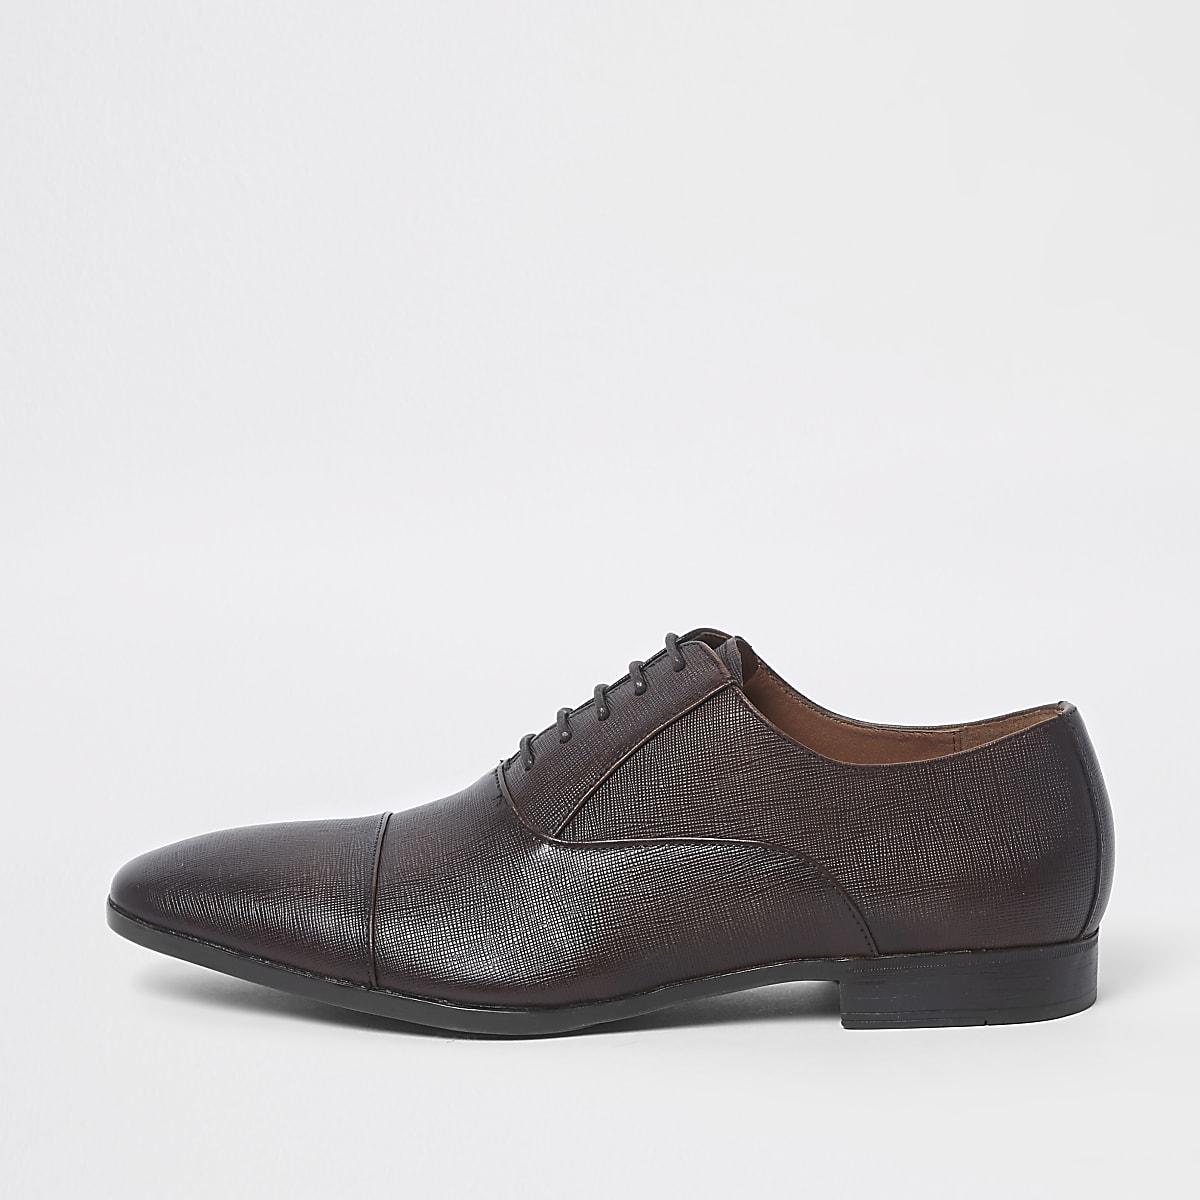 Chaussures Oxford marron à bout rapporté texturé